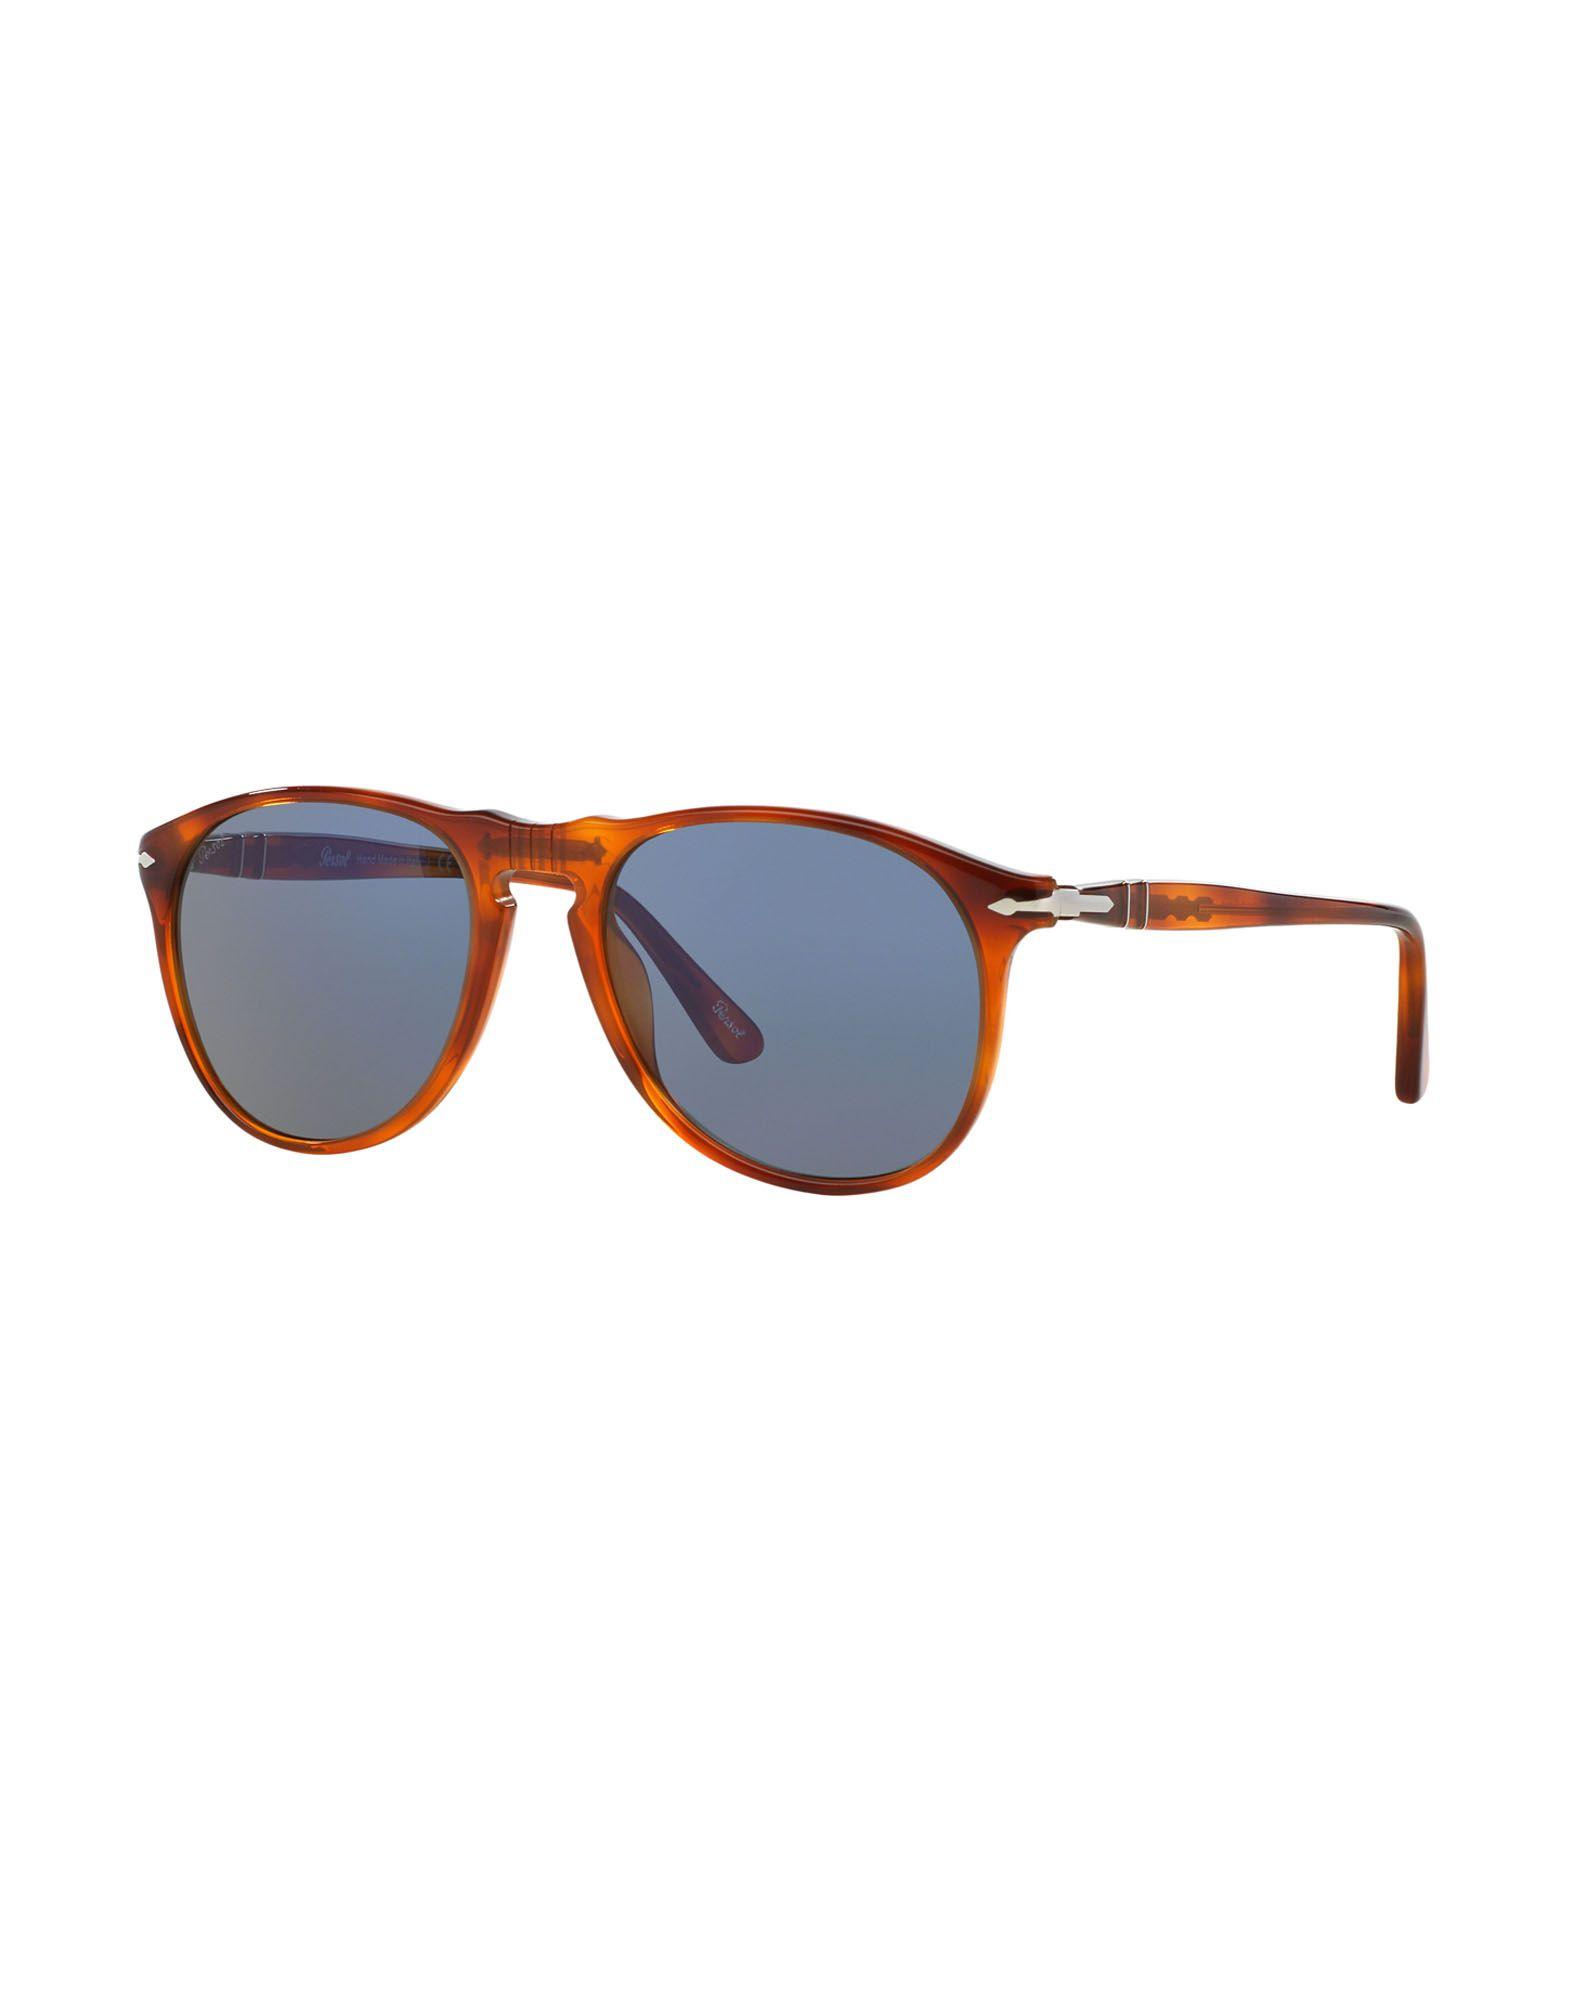 PERSOL Unisex Sonnenbrille Farbe Braun Größe 2 jetztbilligerkaufen